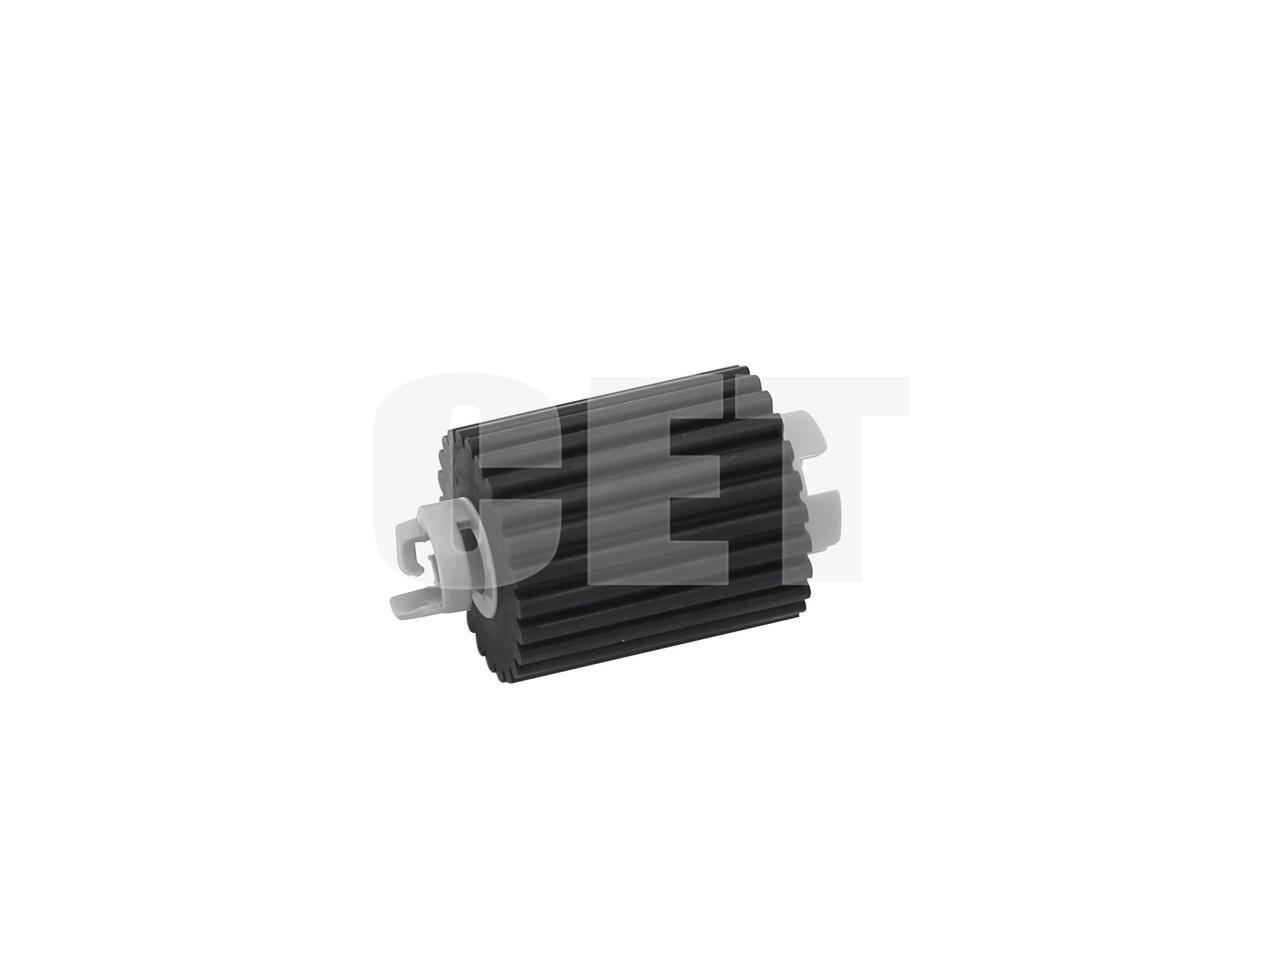 Ролик подхвата A64J564201 для KONICA MINOLTA BizhubC250i/C300i/C360i/C450i/C550i/C650i/C458/C558/C658 (CET),CET341036